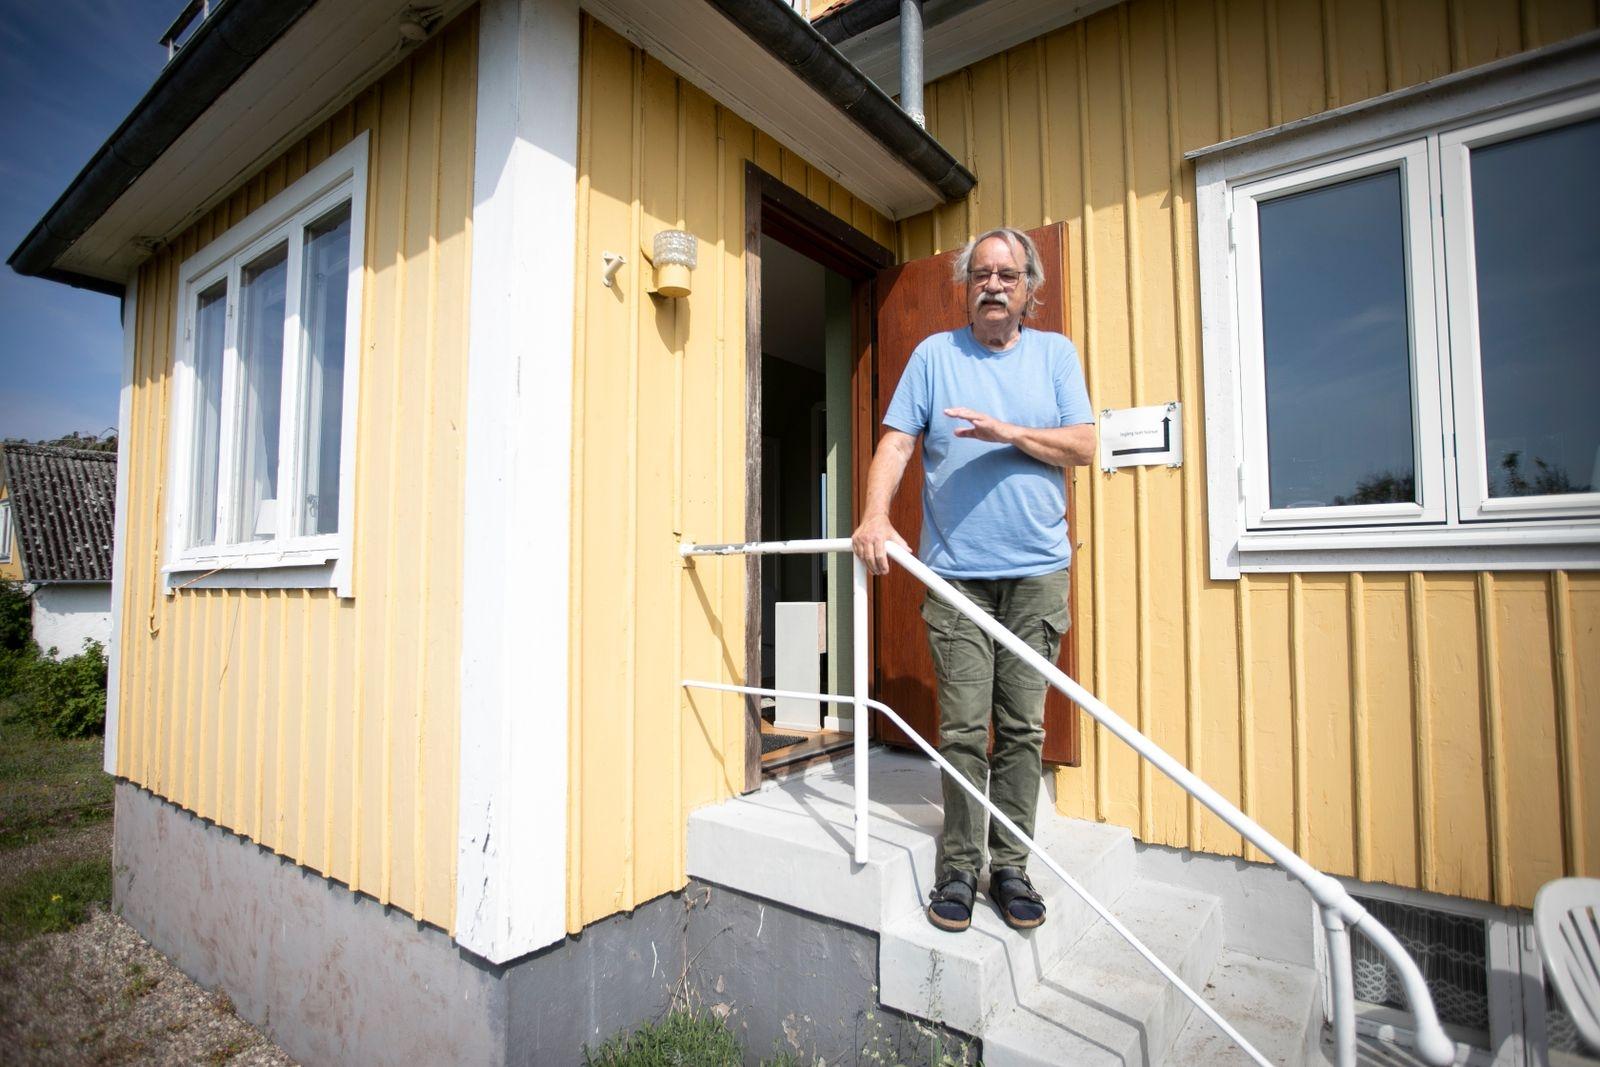 """Pensionerade tv-fotografen Sebastian Jakobsson i Kastlösa har alltid tyckt att Öland borde vara en kommun. """"Man kan förstå att det blir väldigt långt till makten för de som bor i Grankullavik eller Ottenby. Kanske kan man göra likadant som i Stockholm och skapa kommundelar"""", föreslår han."""